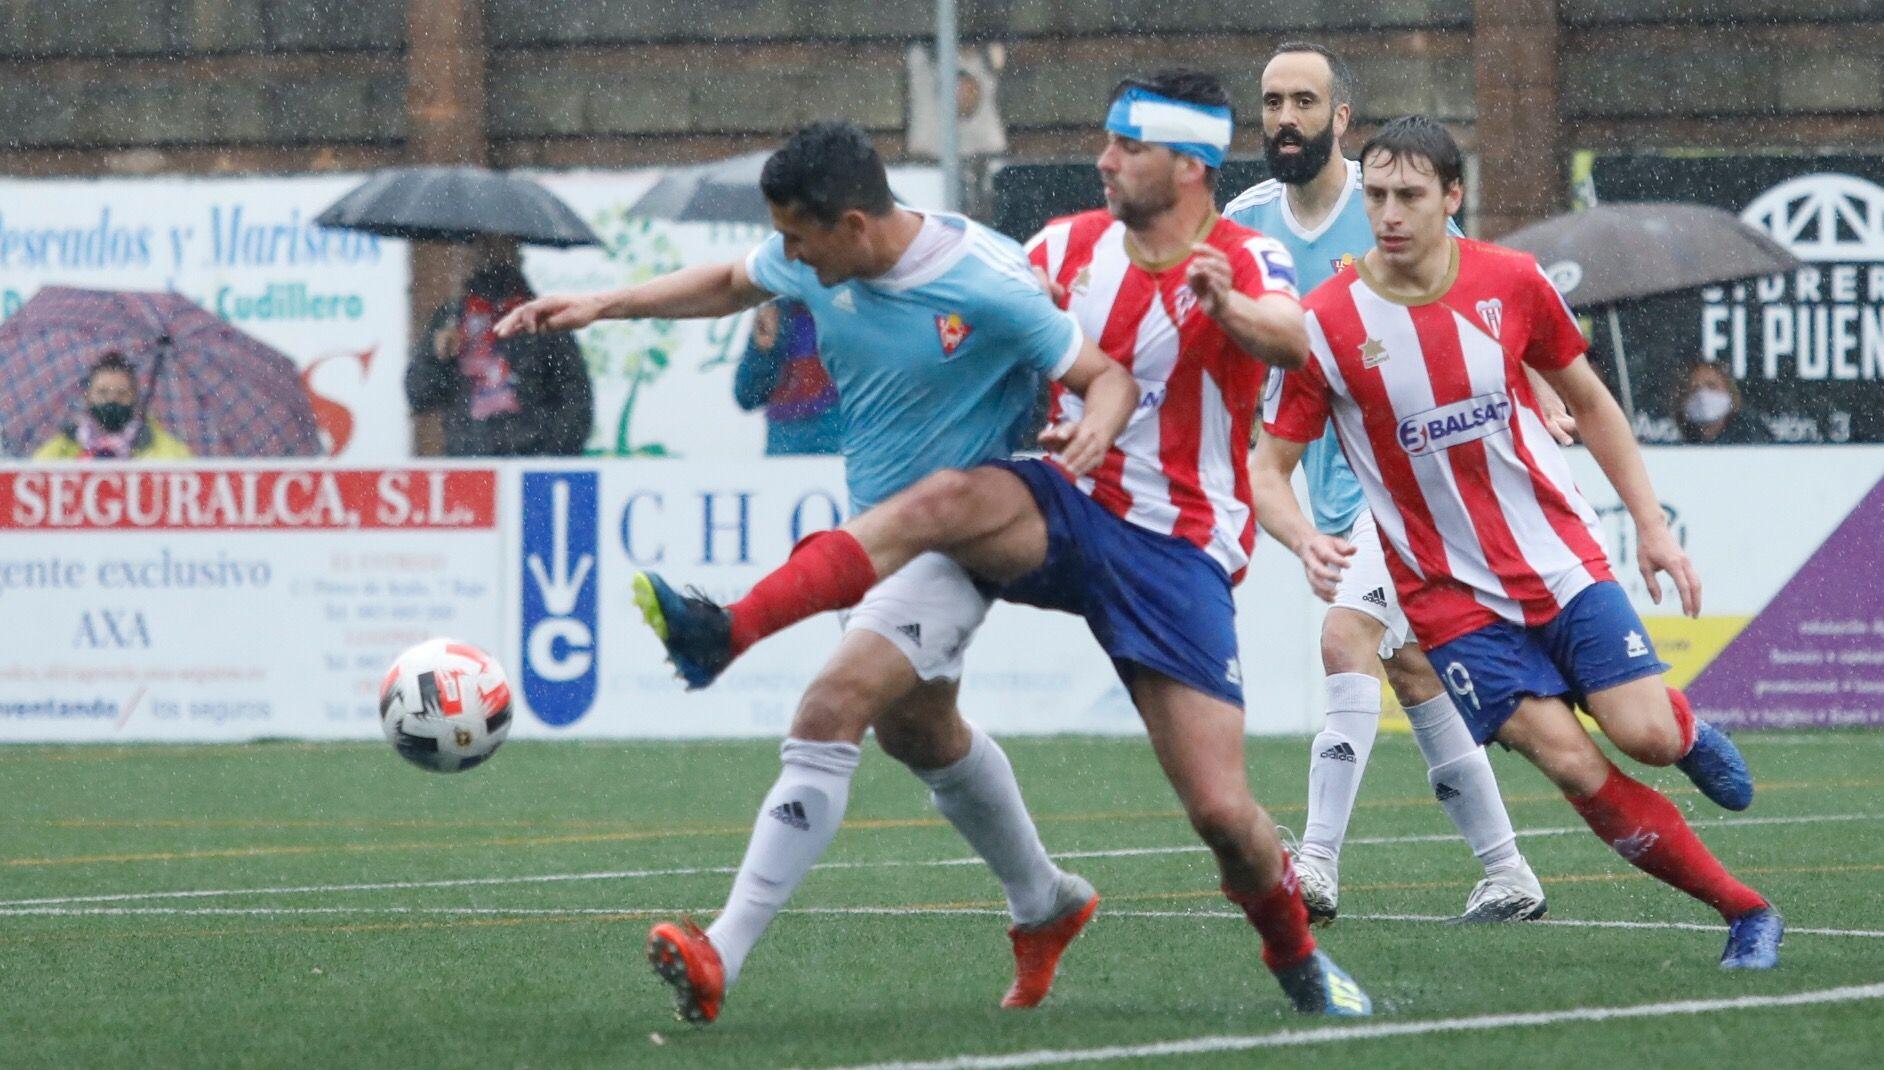 Las mejores imágenes de la jornada de Tercera División: Ceares y Llanera sacan un billete a Segunda RFEF